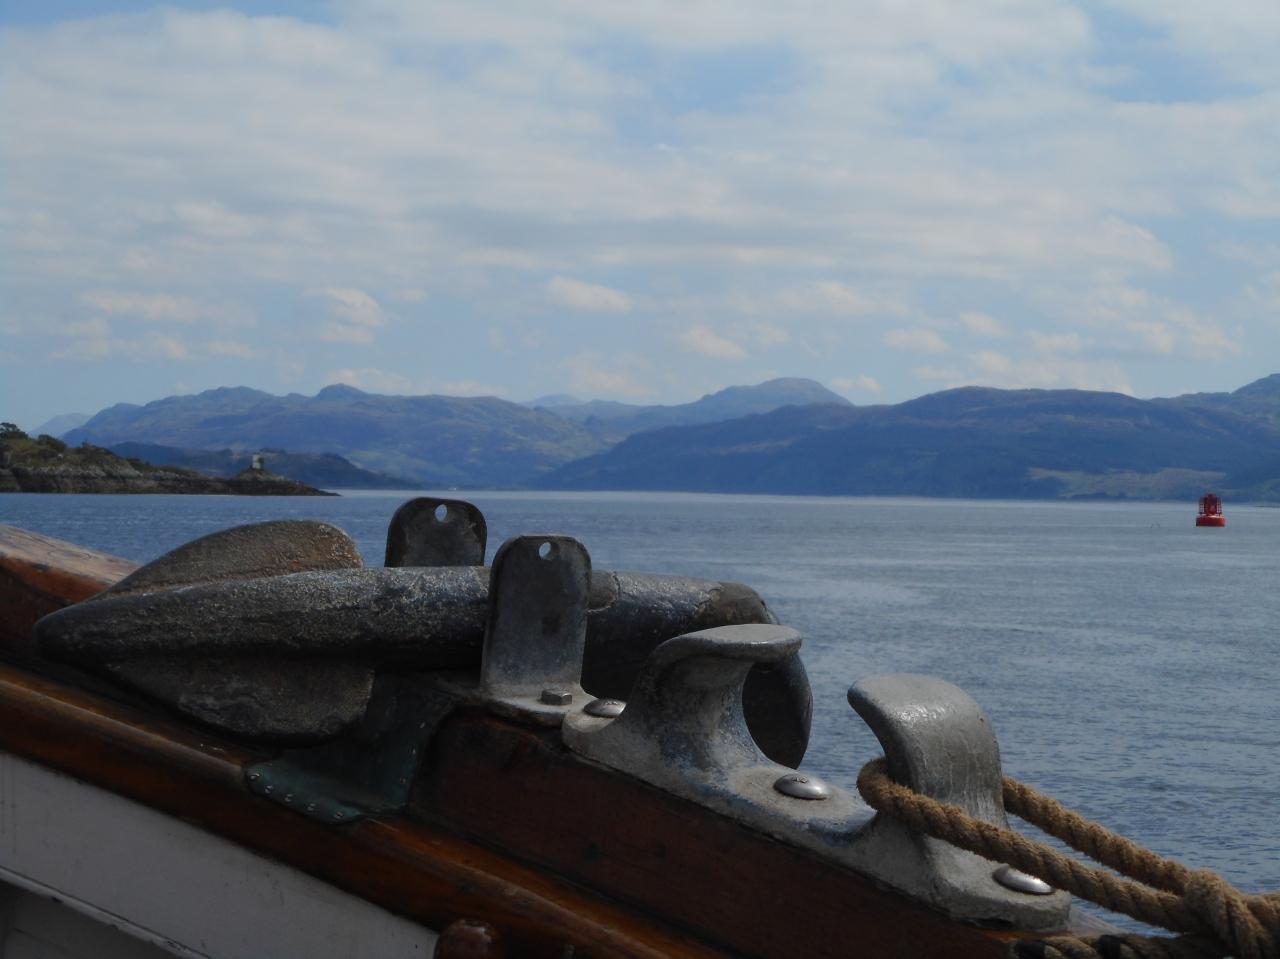 View over Eda Frandsen's anchor